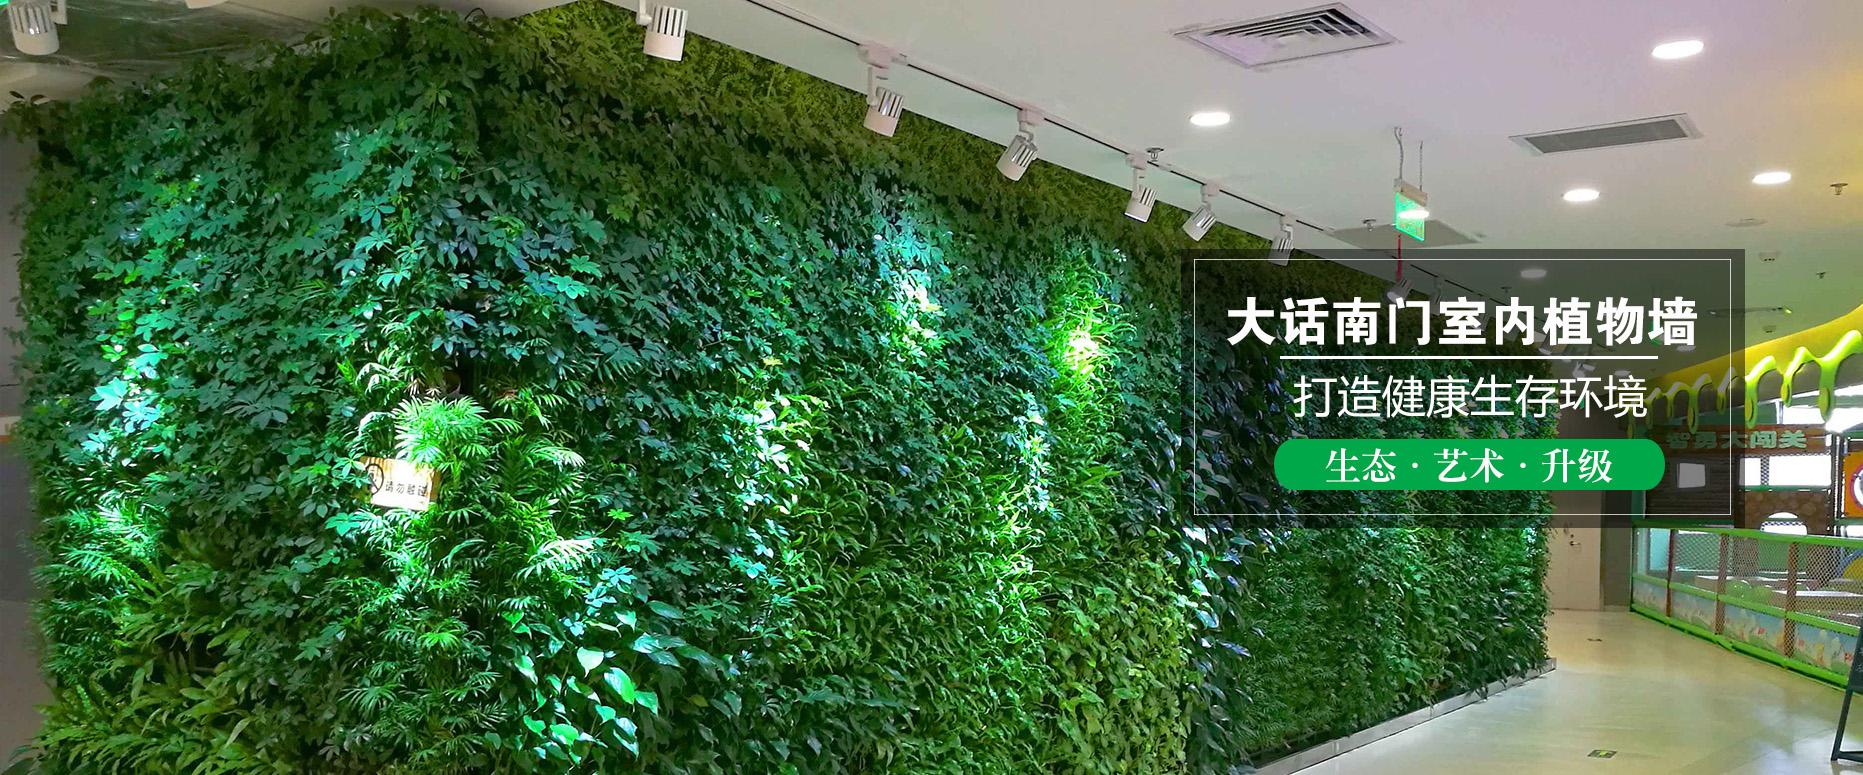 植物墙在安装完毕后如何进行打理呢?